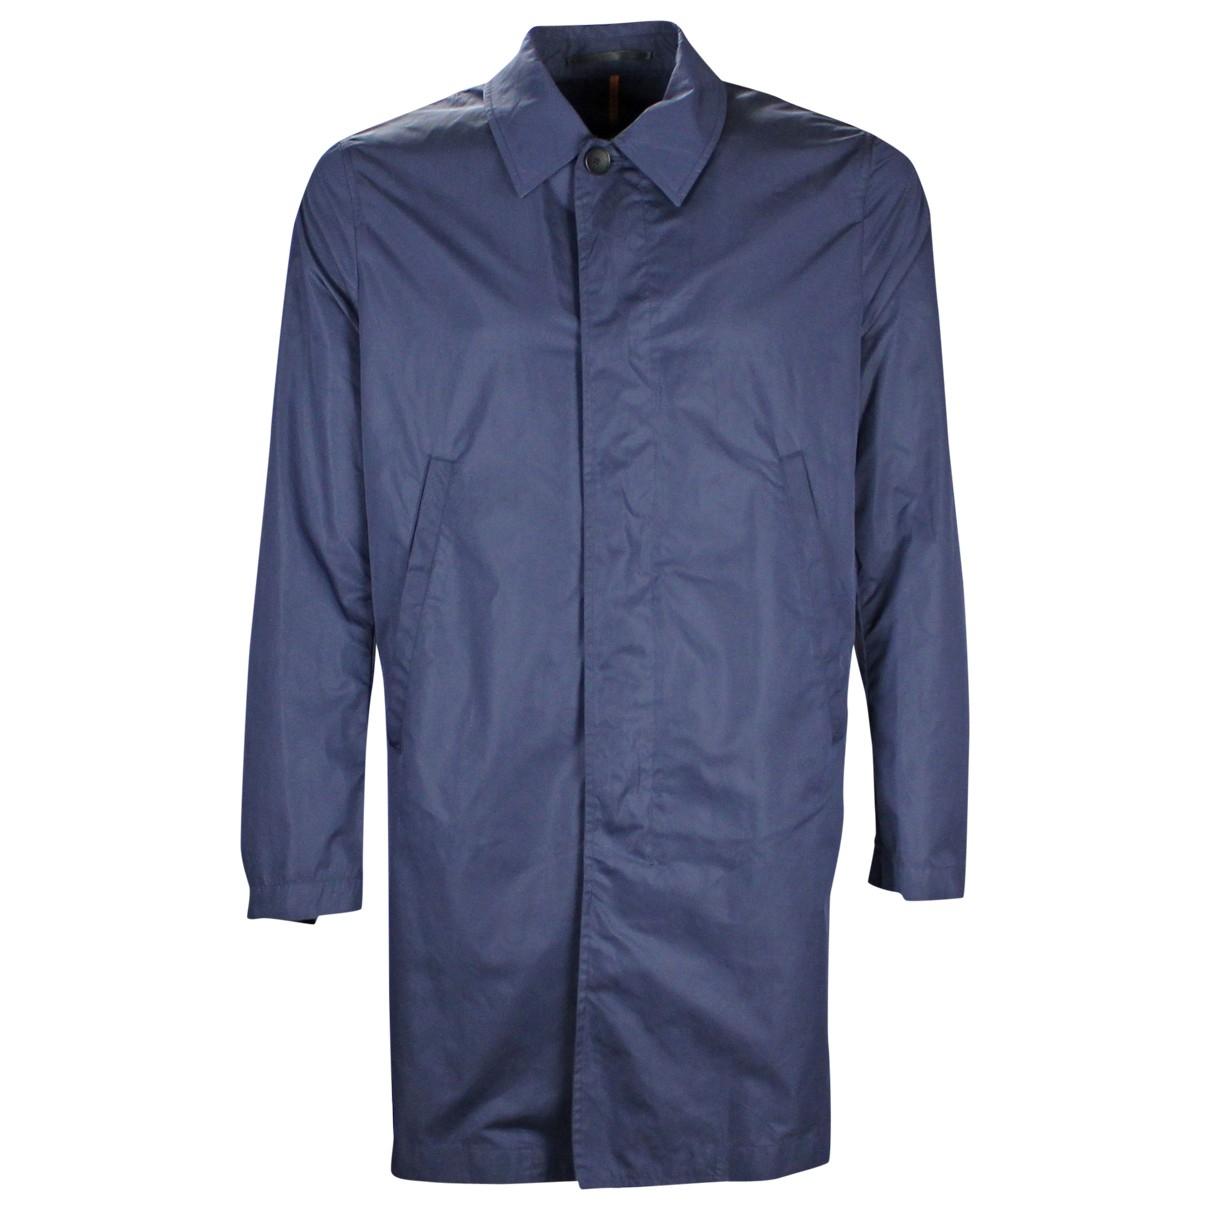 Paul Smith \N Navy coat  for Men M International